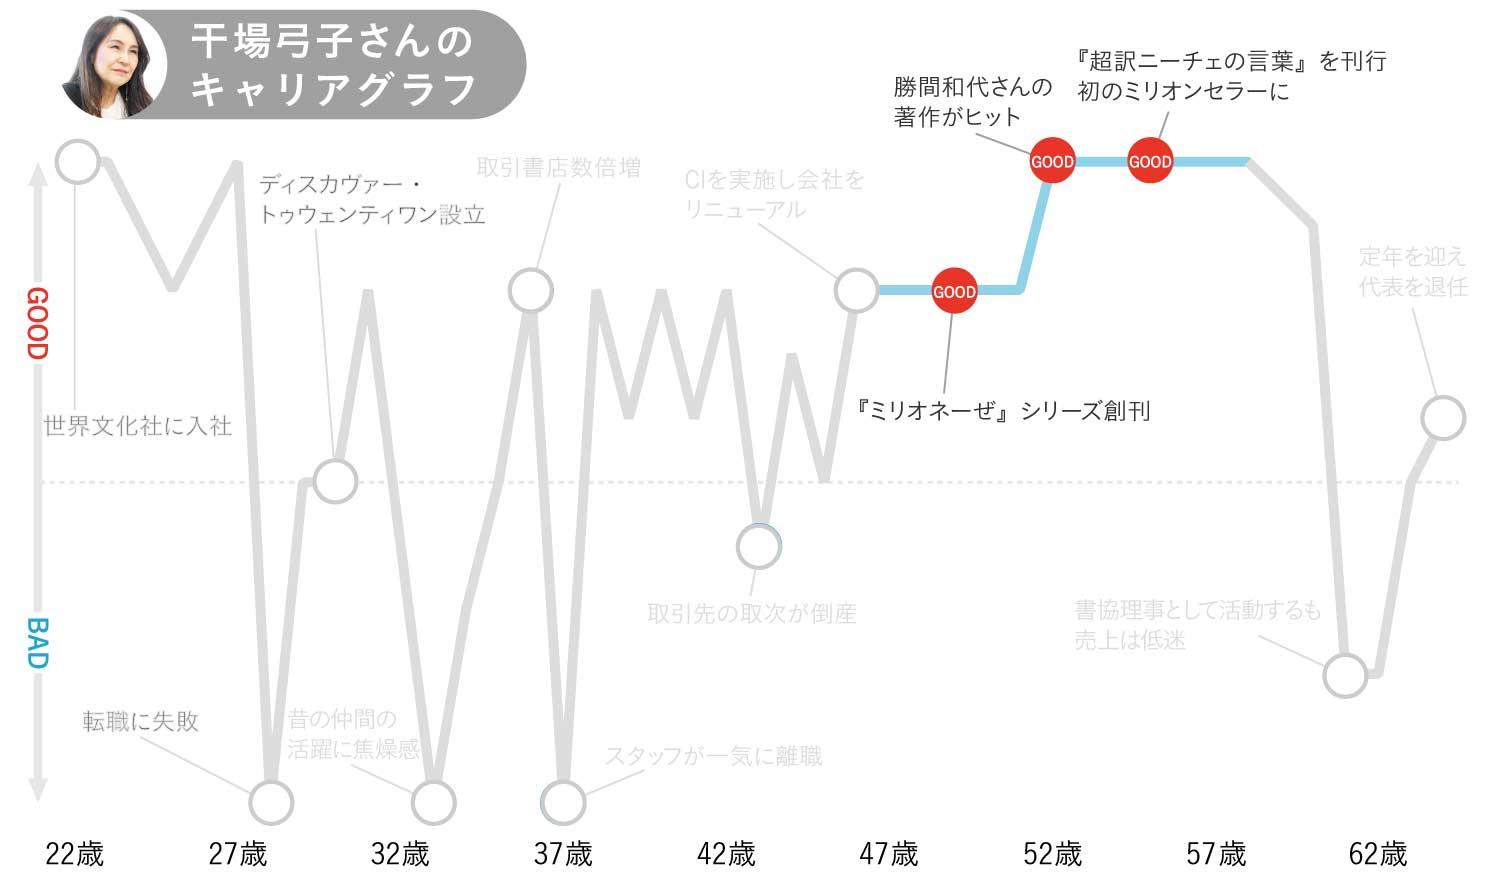 干場弓子さんキャリアグラフ4